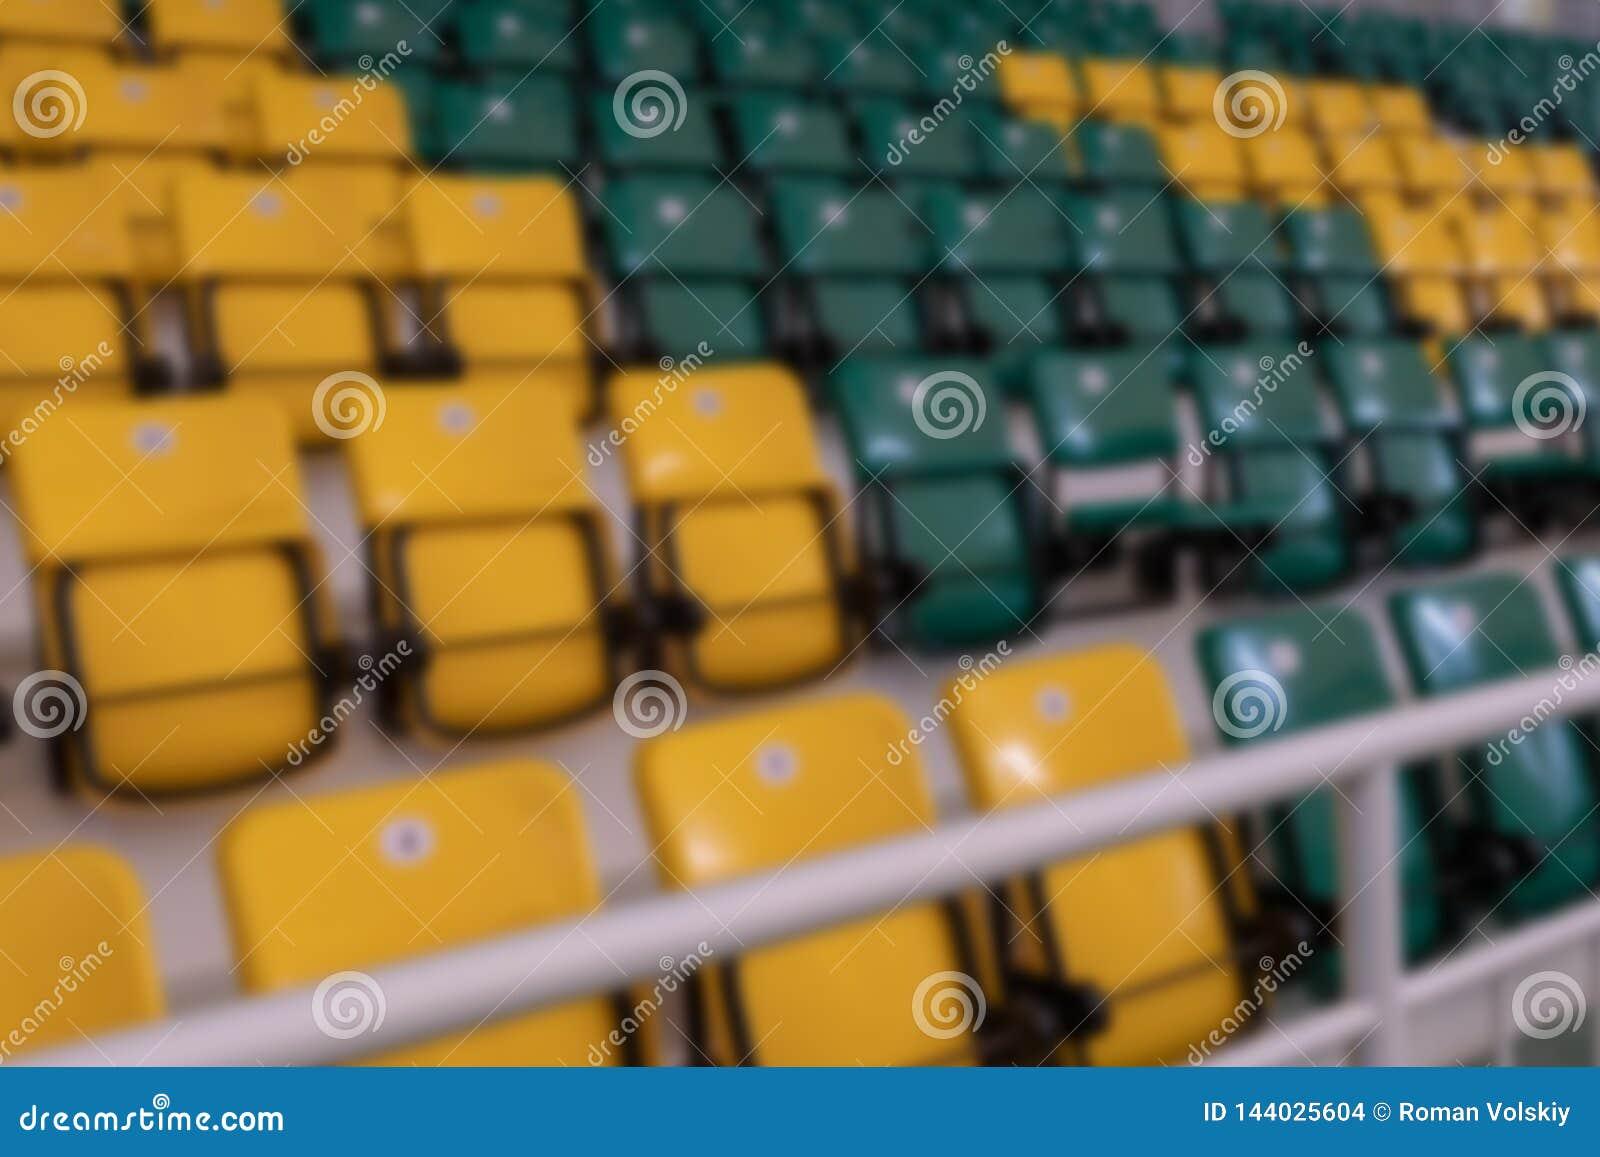 Fond brouillé Sembler la personne malvoyante Sièges en plastique jaunes et verts dans les supports du complexe de sports